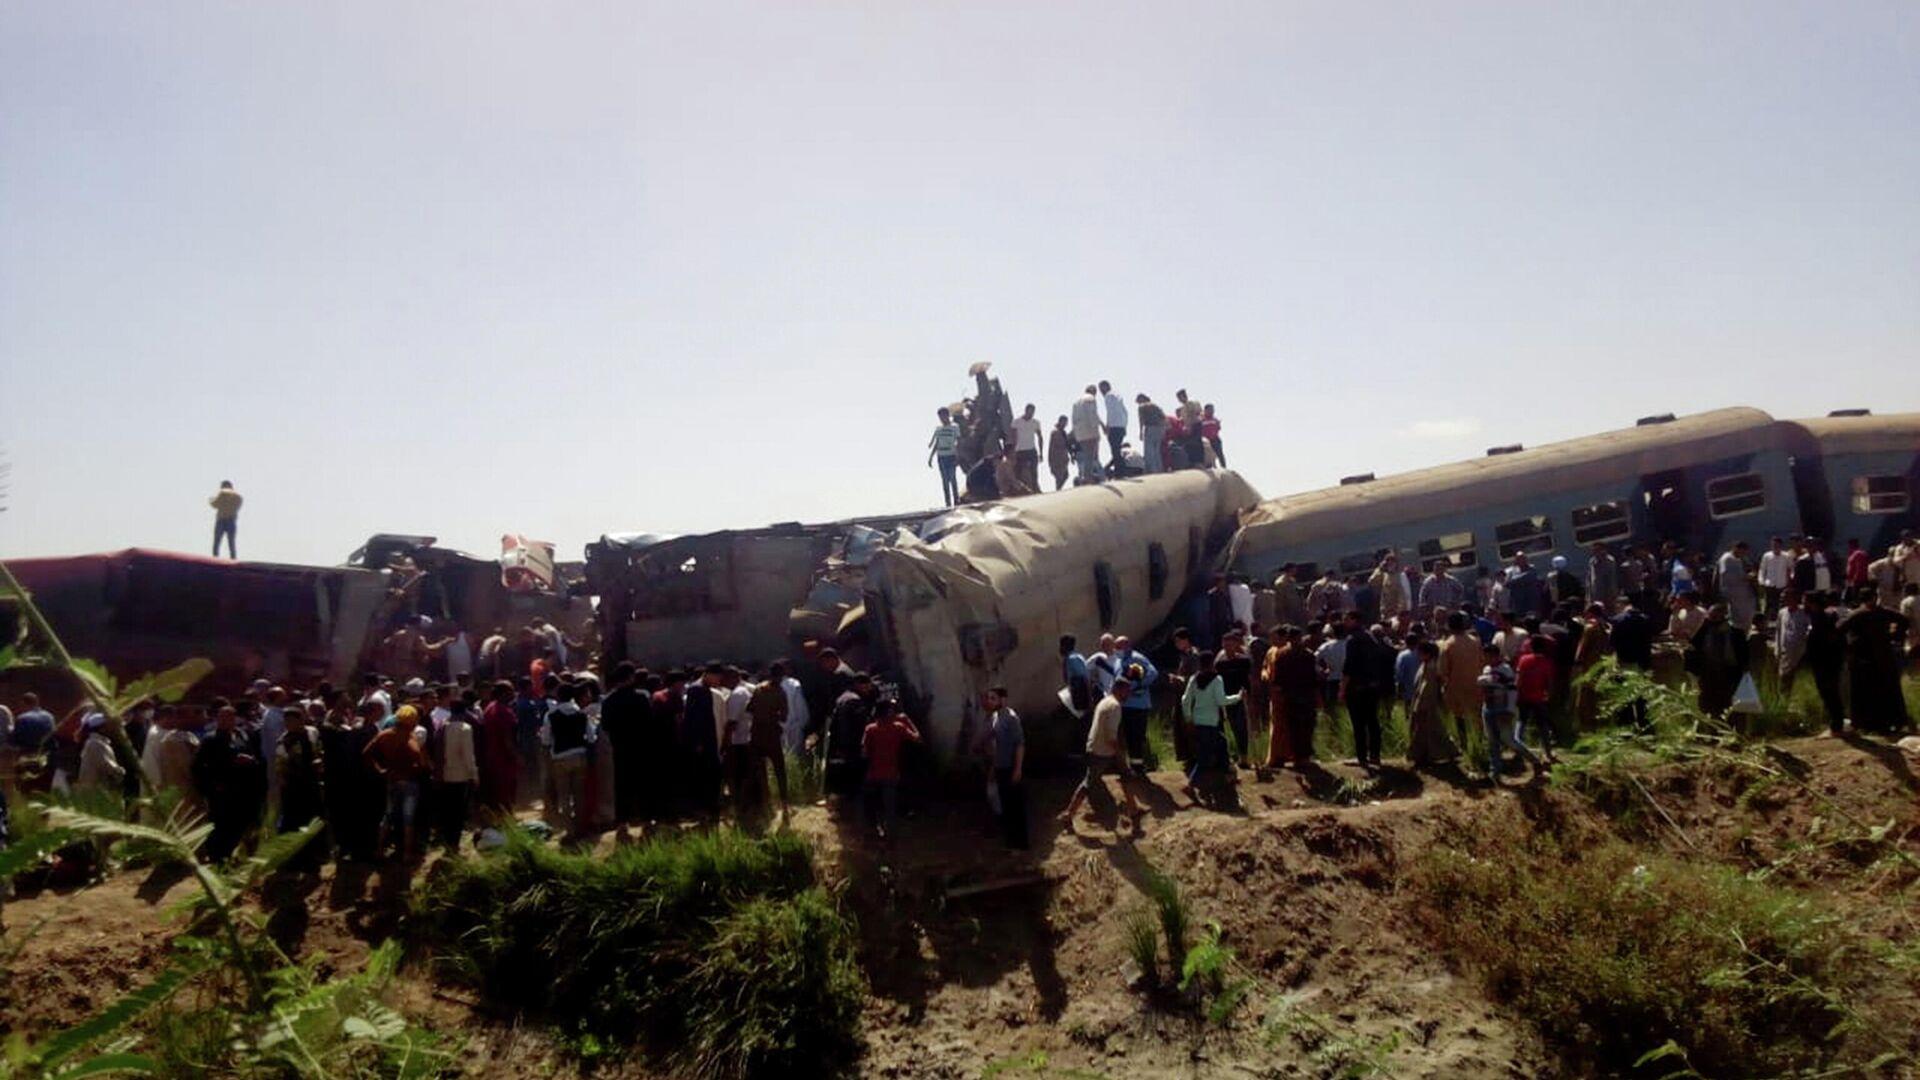 Choque de 2 trenes en Egipto, el 26 de marzo de 2021 - Sputnik Mundo, 1920, 29.03.2021